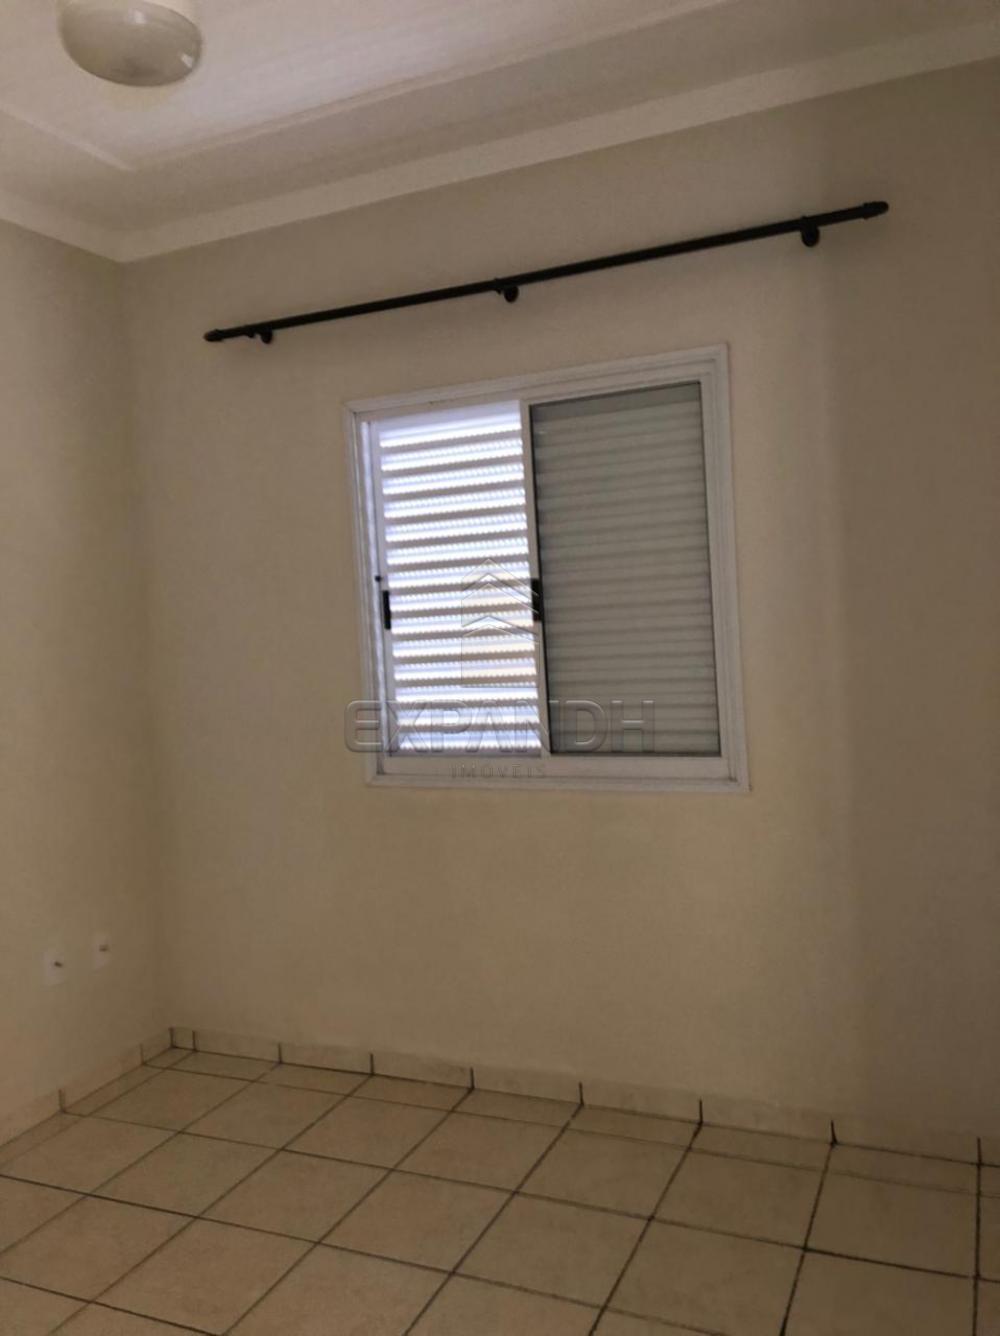 Alugar Apartamentos / Padrão em Sertãozinho R$ 780,00 - Foto 4